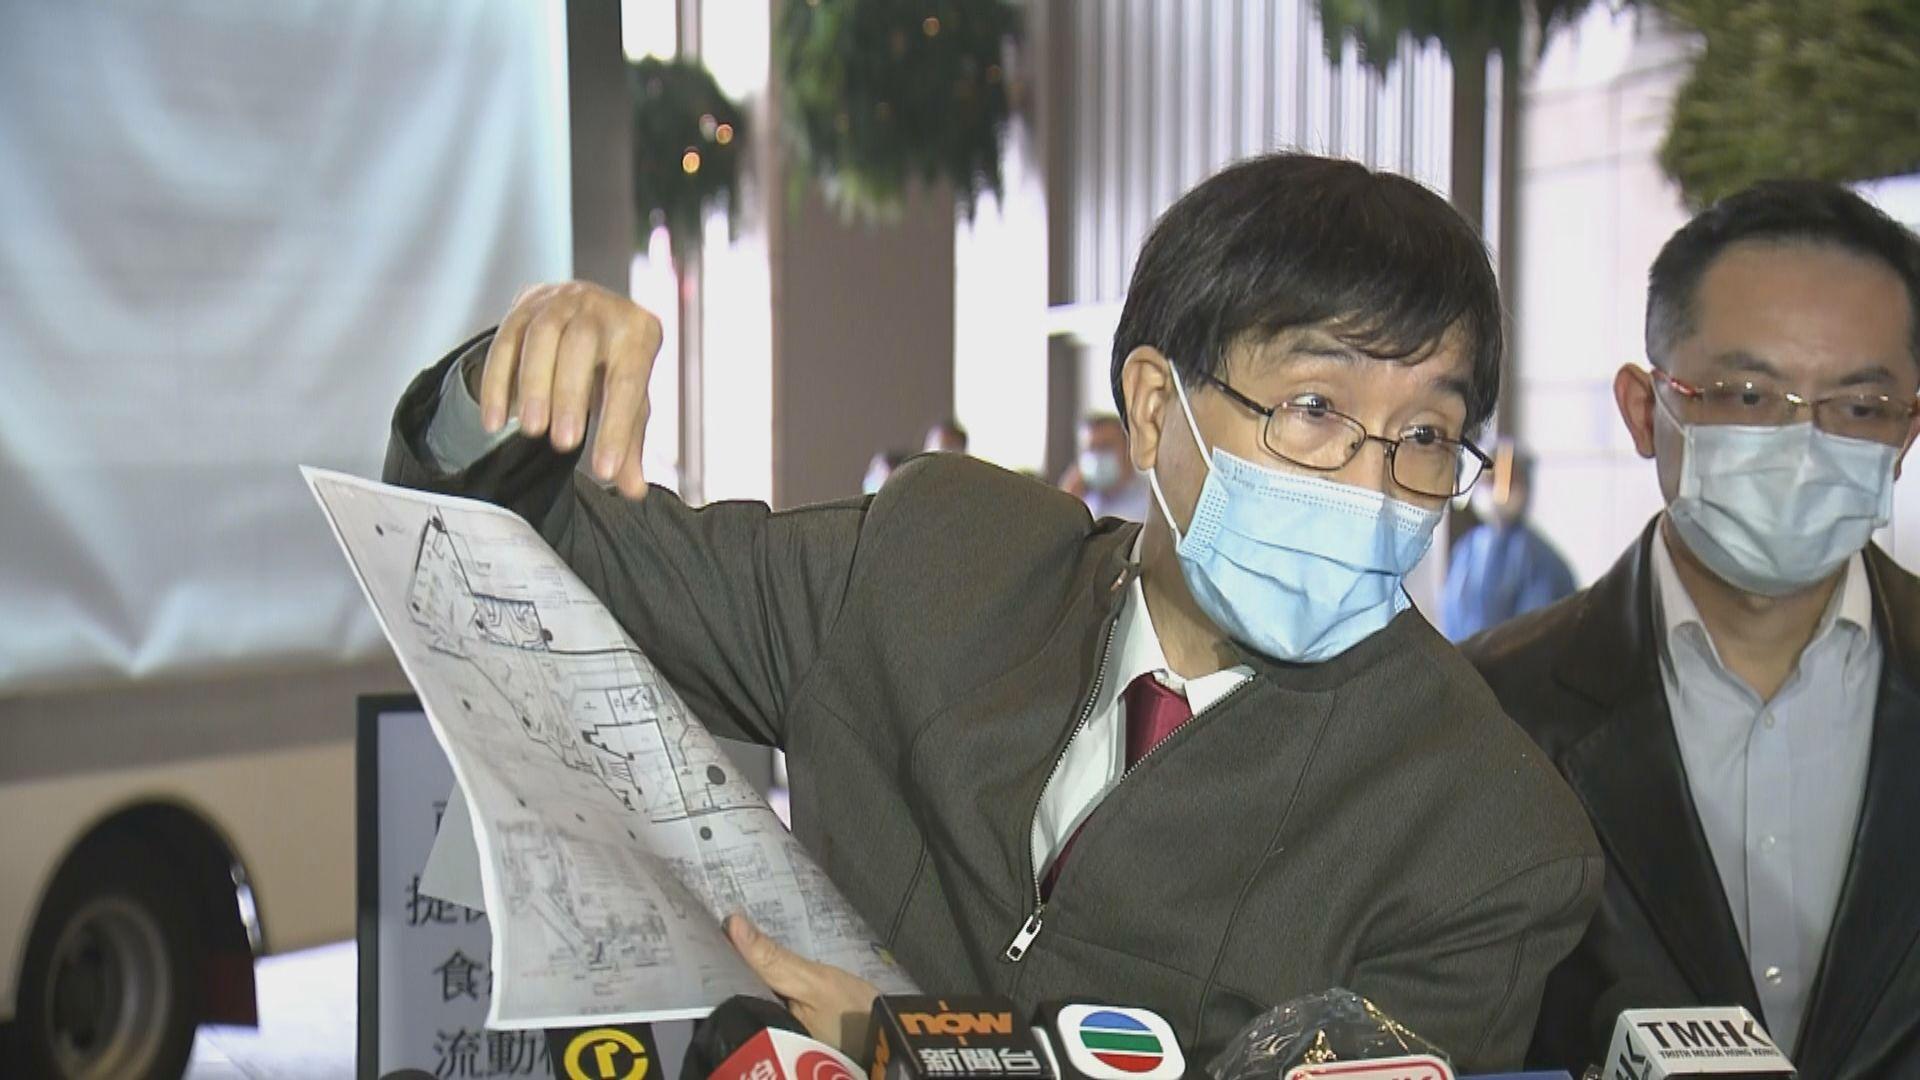 袁國勇:相信名潮食館感染群組由短距離空氣傳播引起